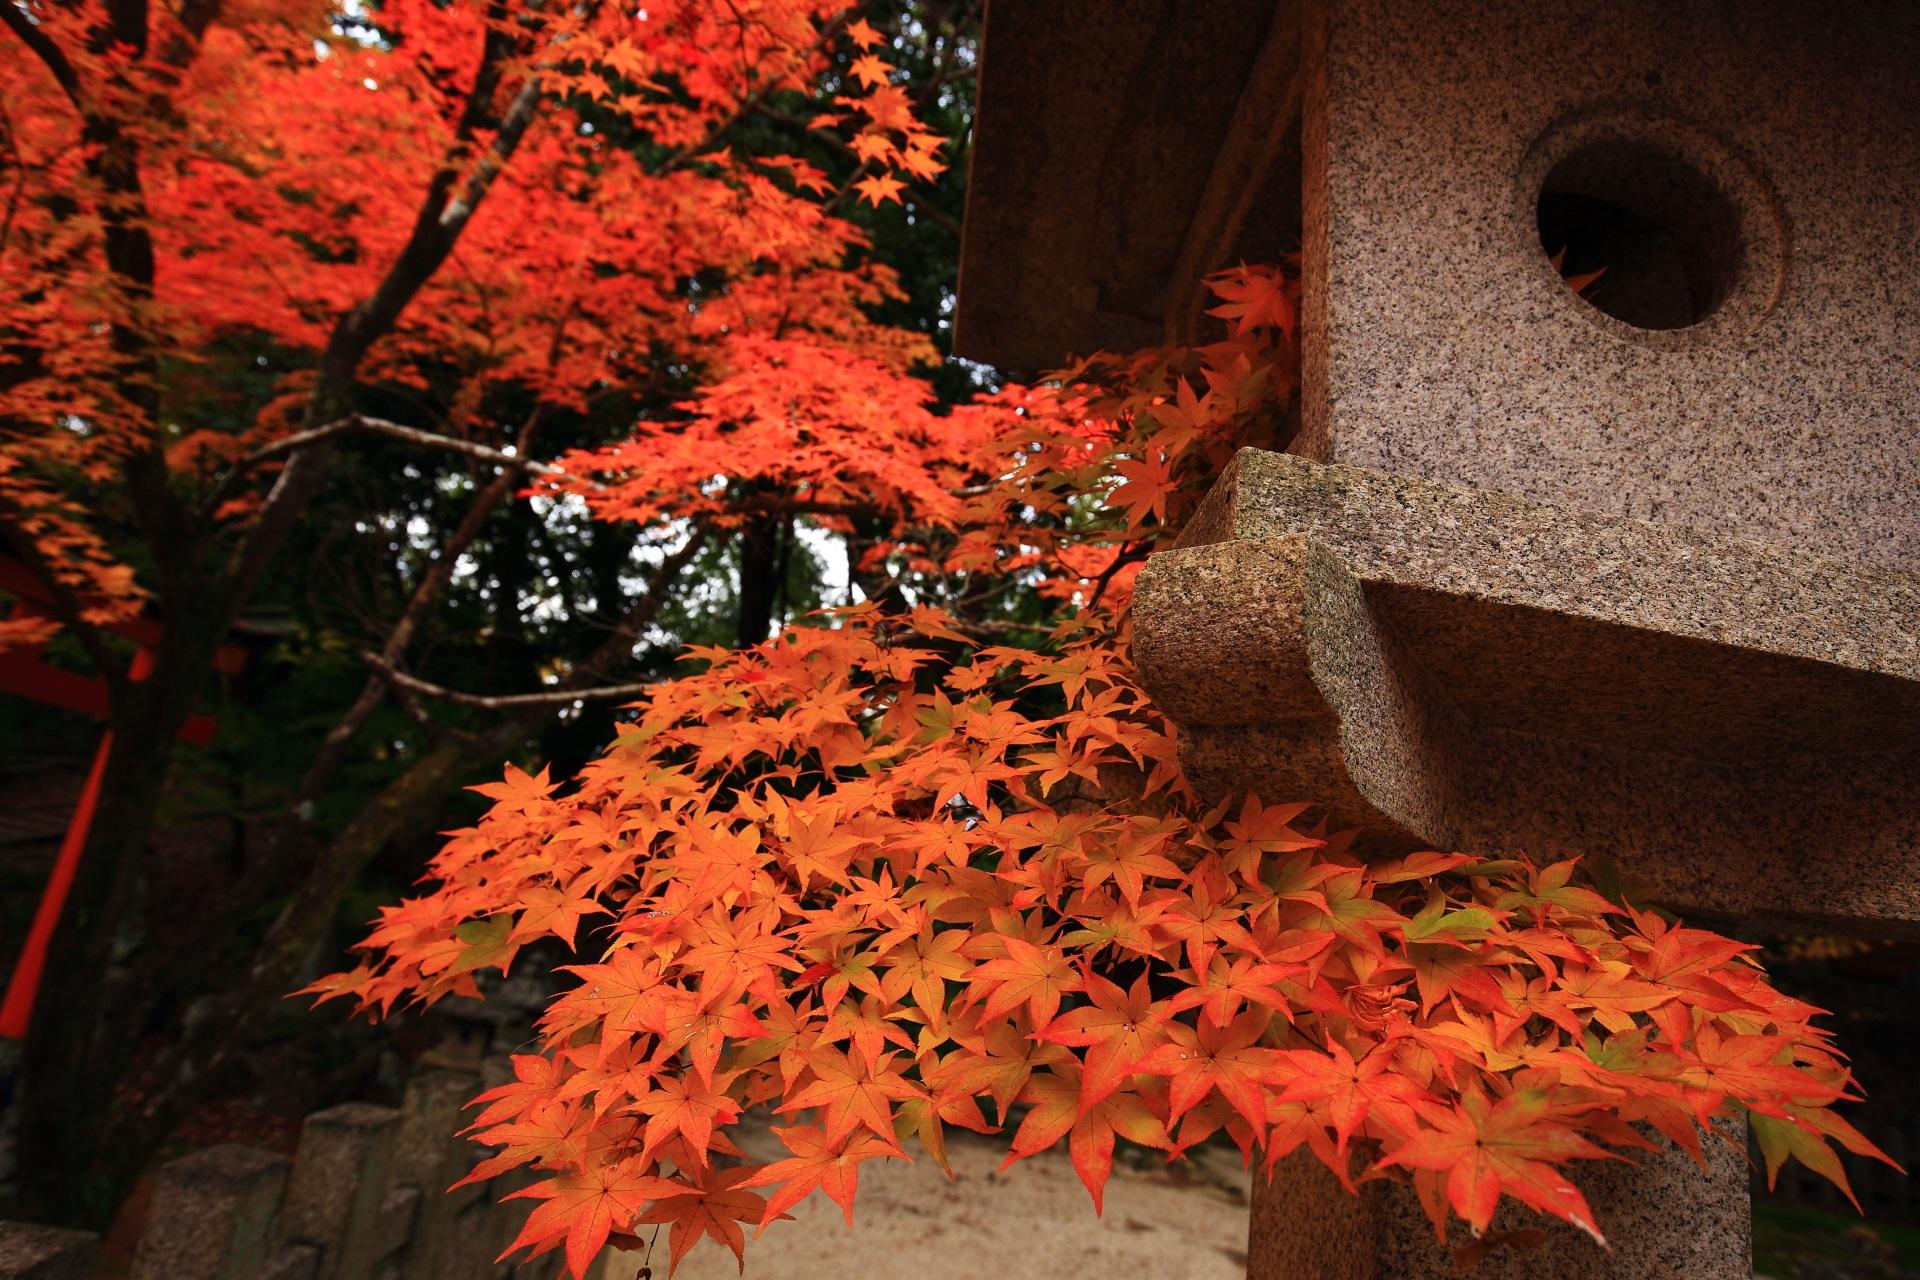 石燈籠と溢れ出す大きな葉のオレンジ系の紅葉